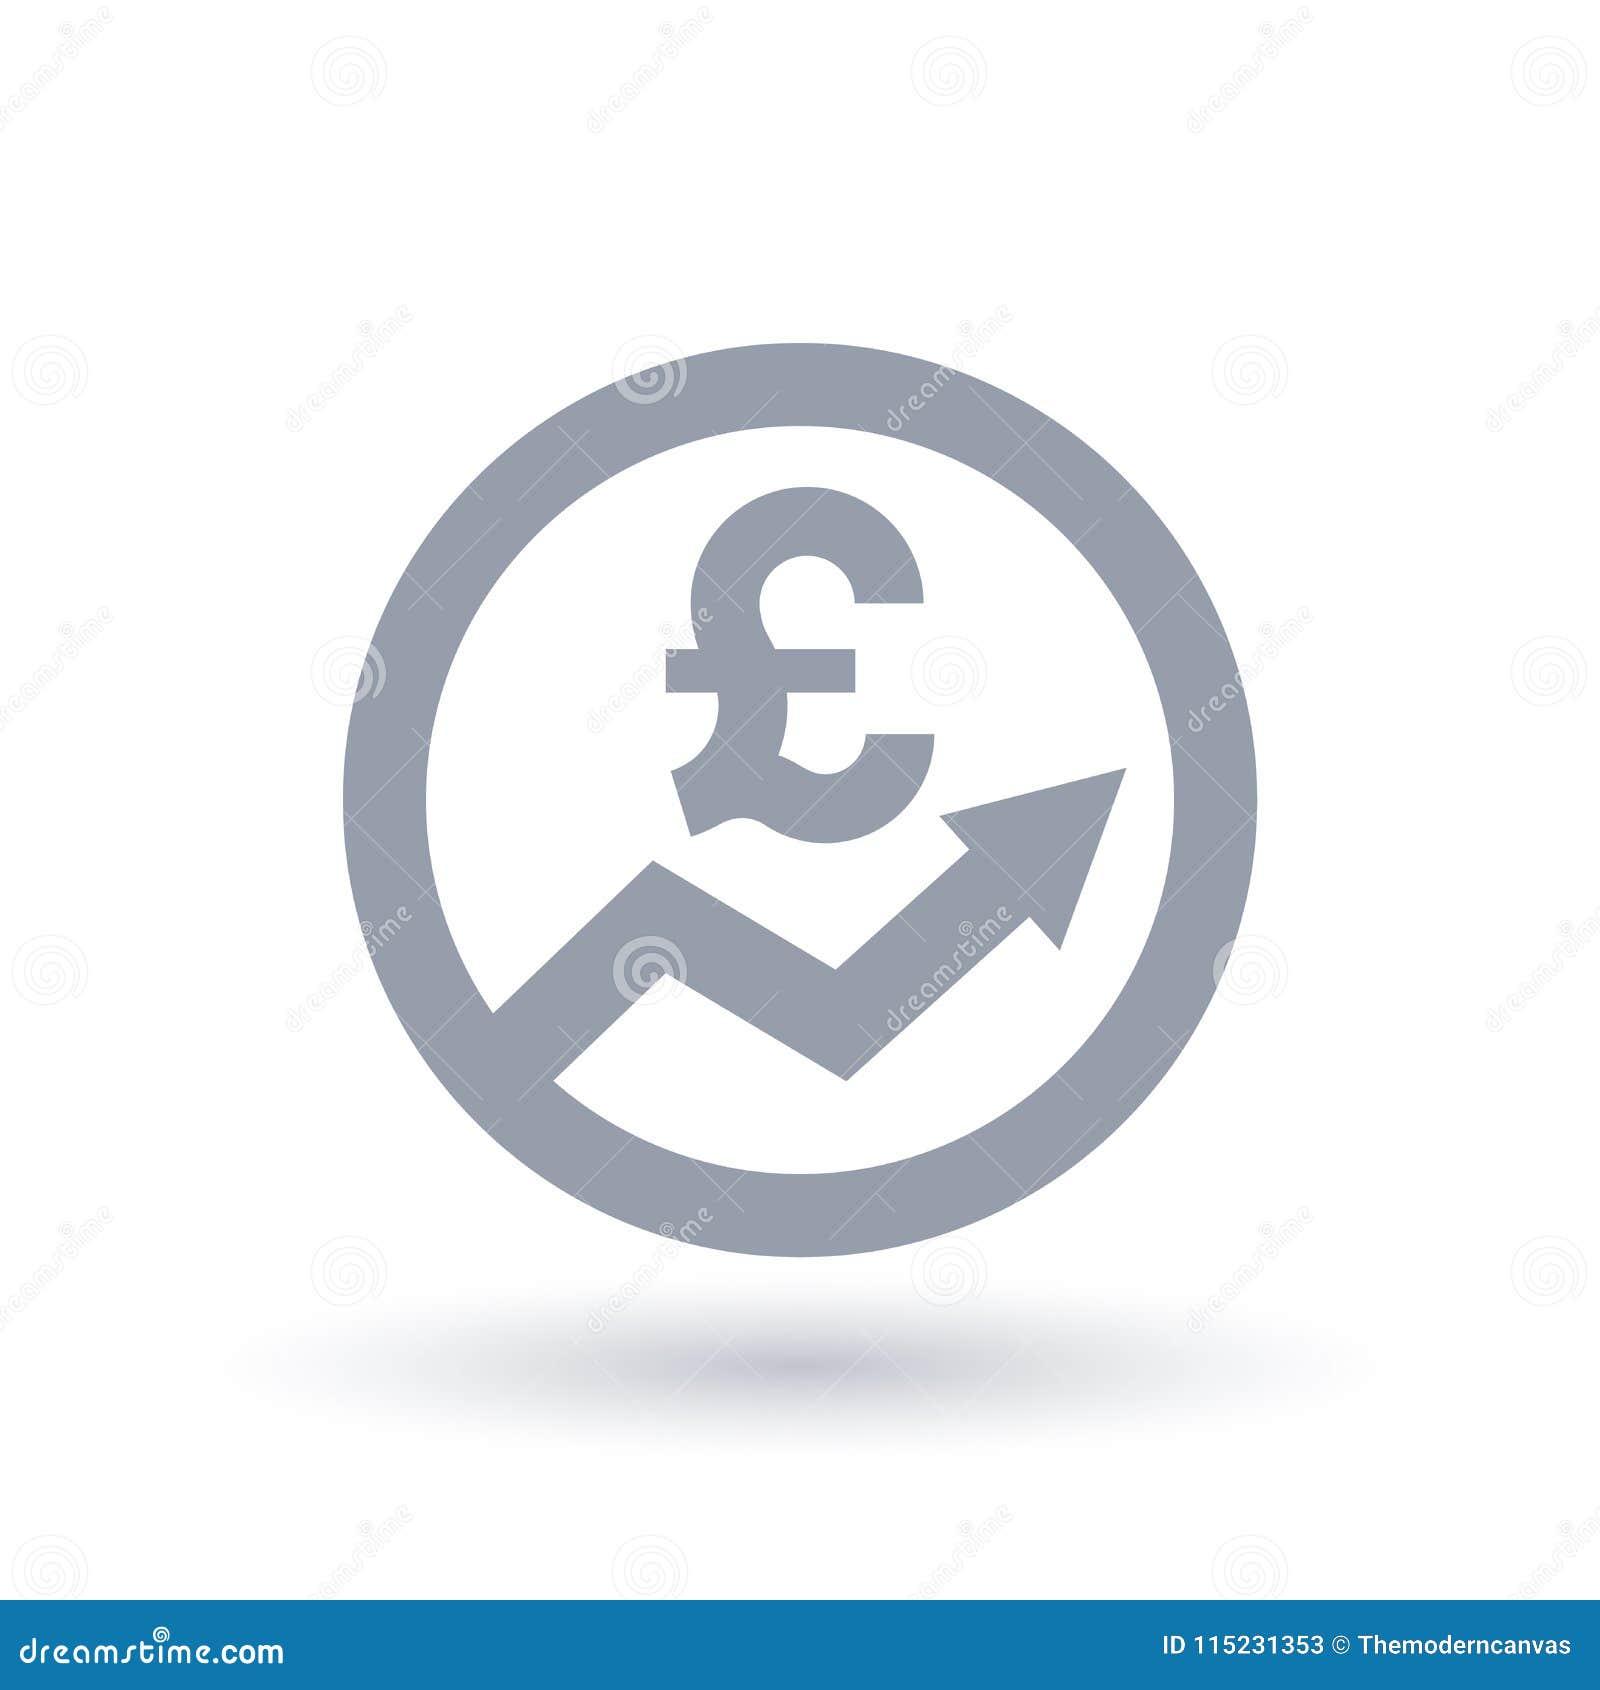 Значок стрелки английского фунта - symbo прогресса валюты Великобритании